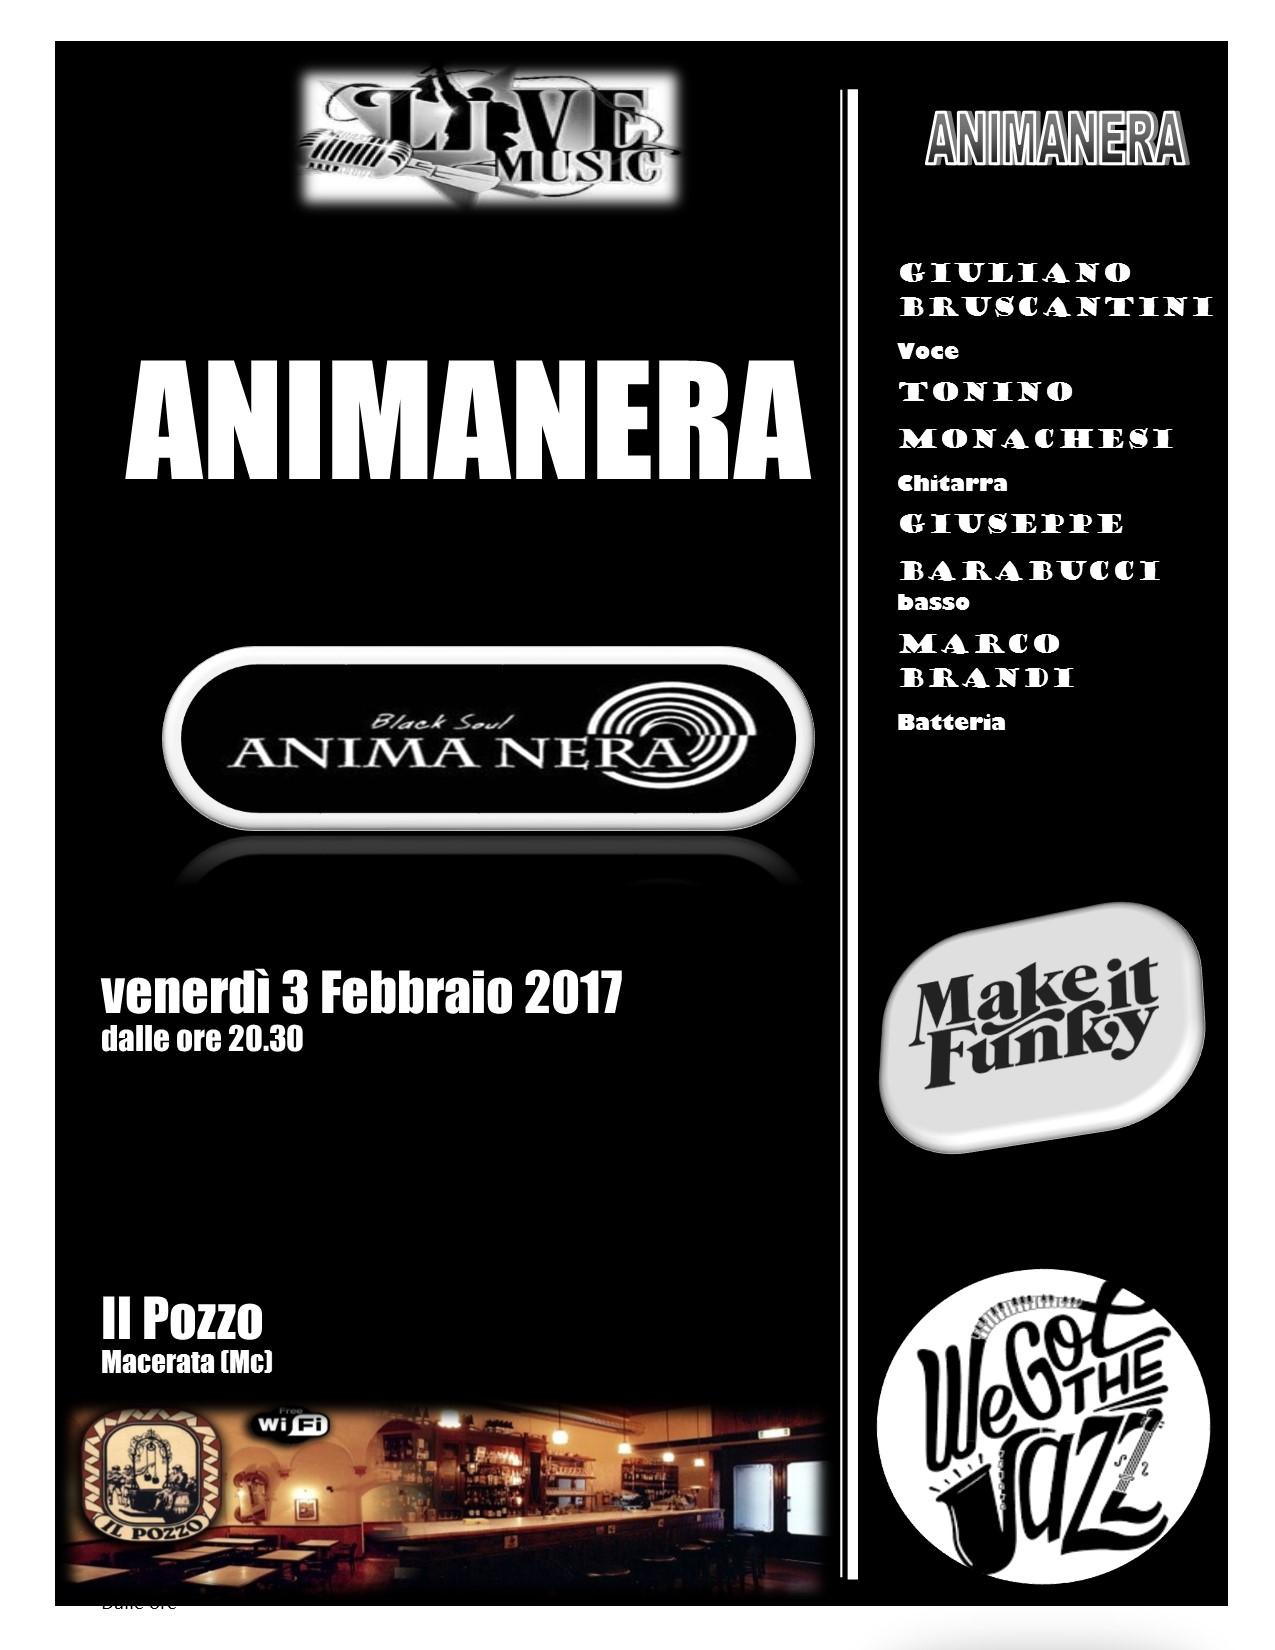 Animanera Quartet in concerto venerdì 3 febbraio